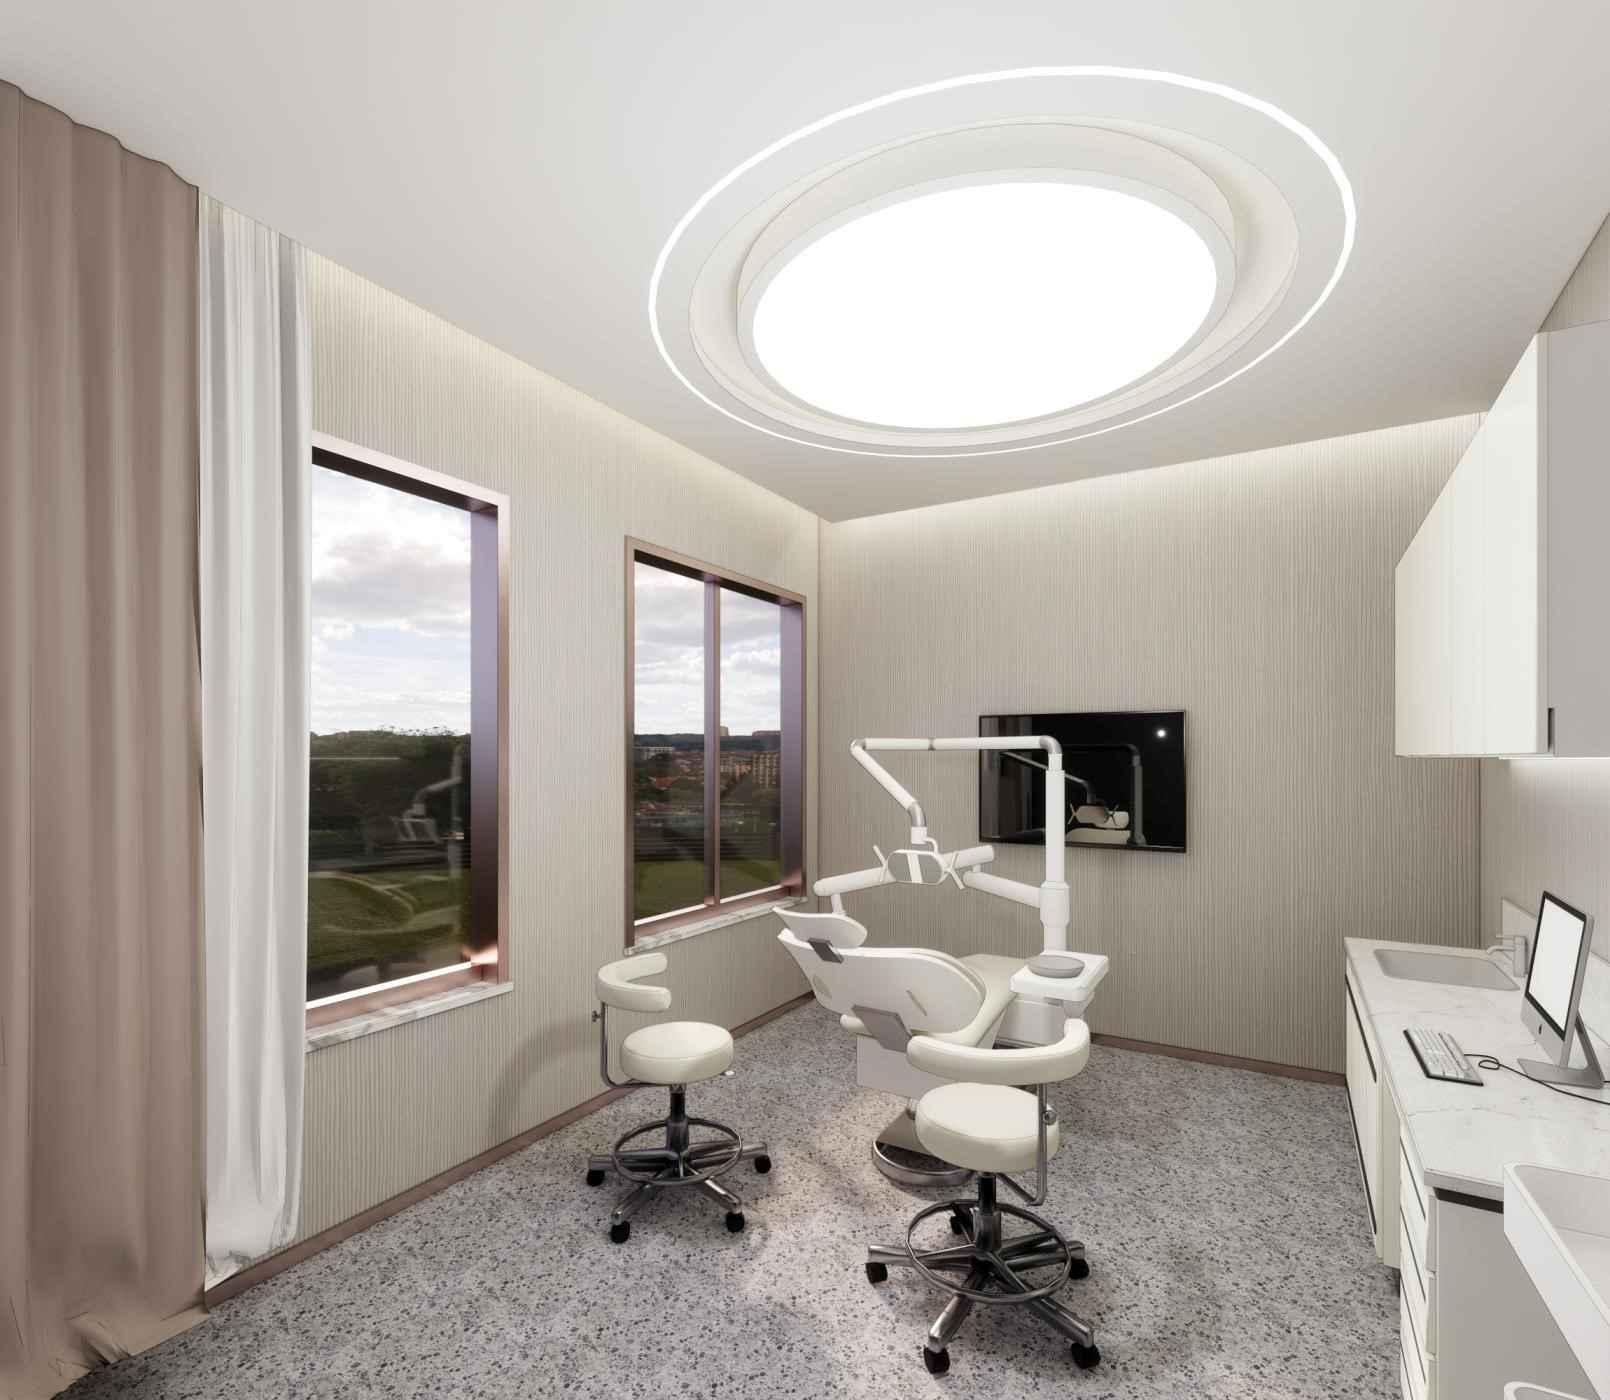 根据医疗空间的结构特点,对材料的颜色和质地进行精心的设计,既体现